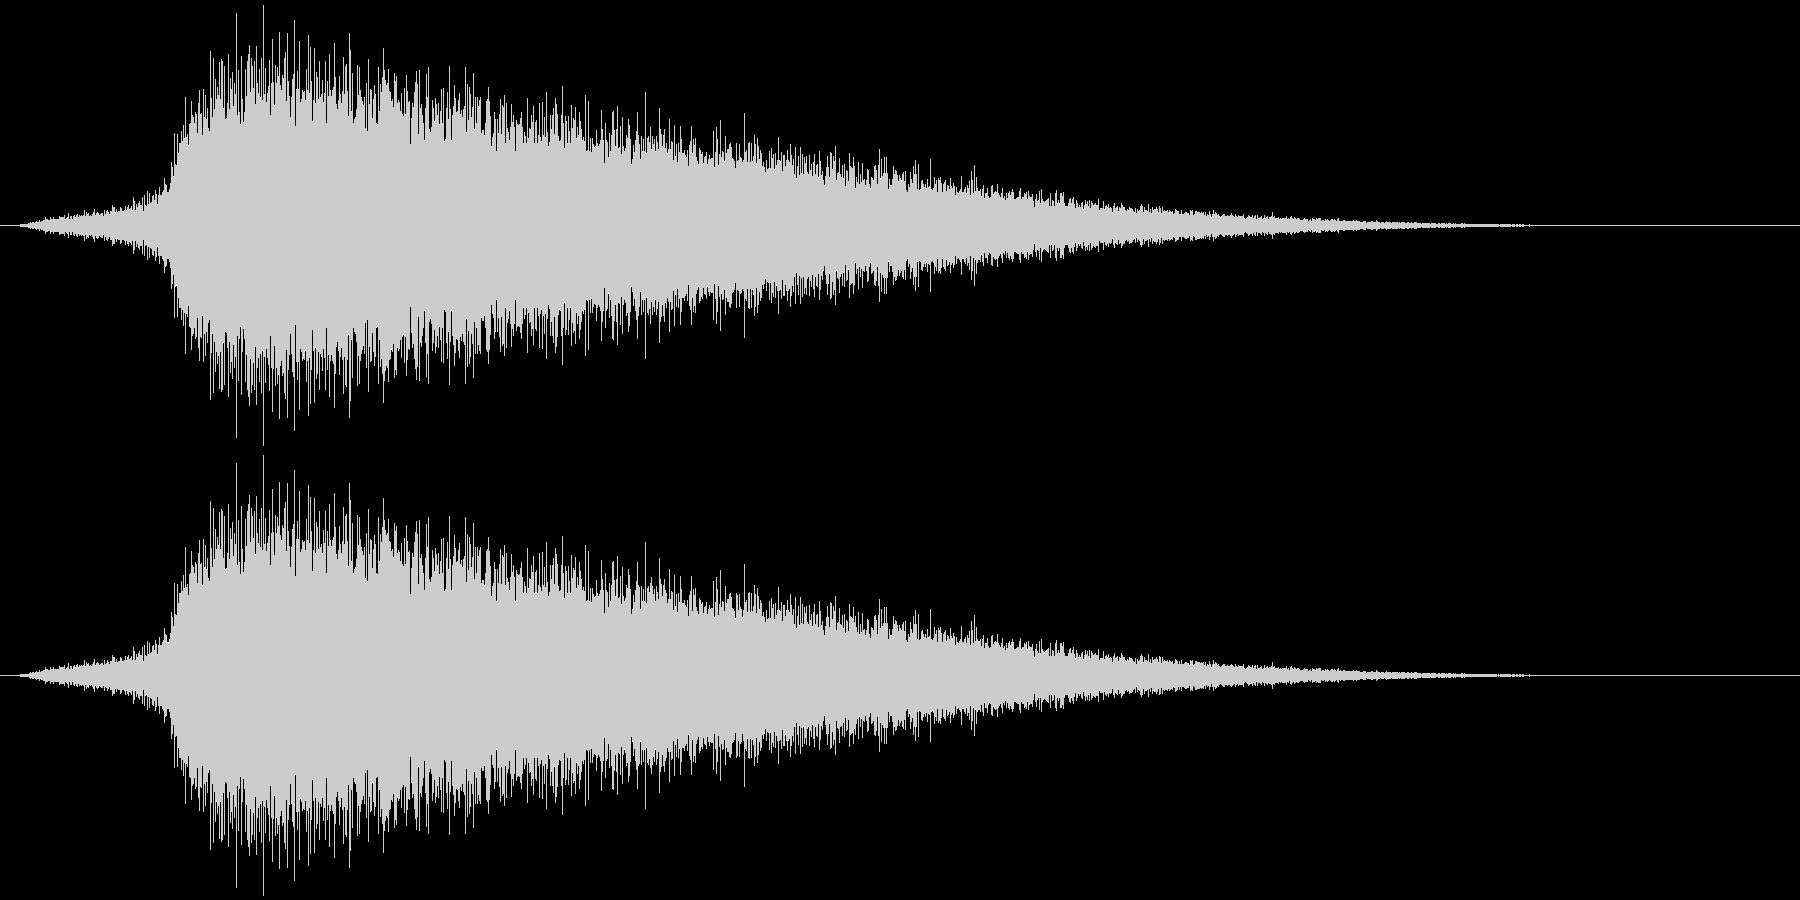 シュワ~。焼ける・蒸発する音B(短め)の未再生の波形